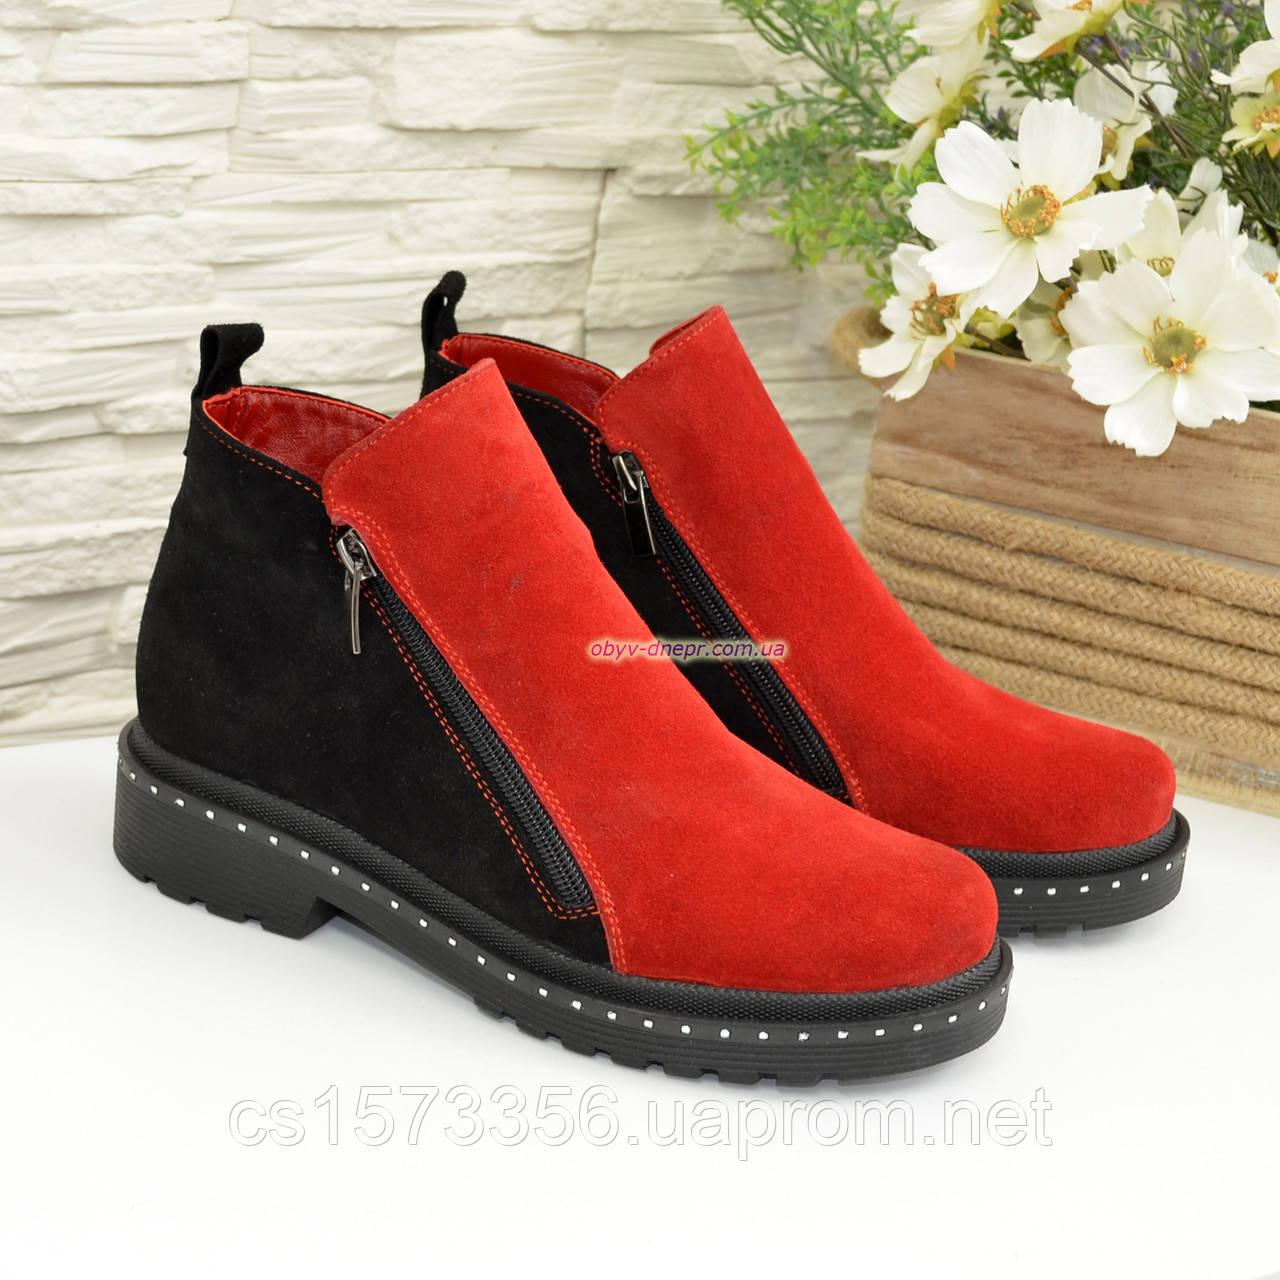 70738267 Ботинки женские зимние замшевые на маленьком каблуке: продажа, цена ...